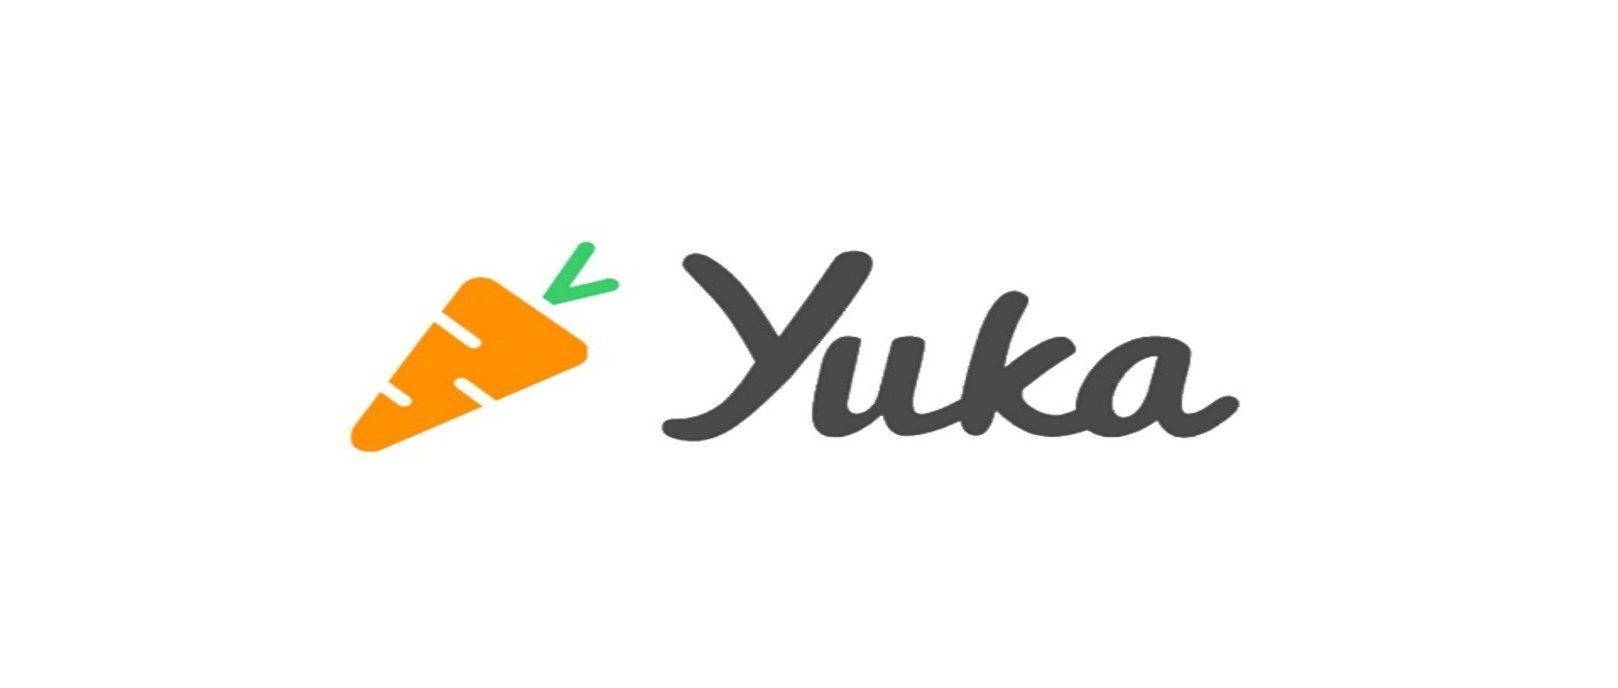 Yuka, l'application jugée responsable de dénigrement